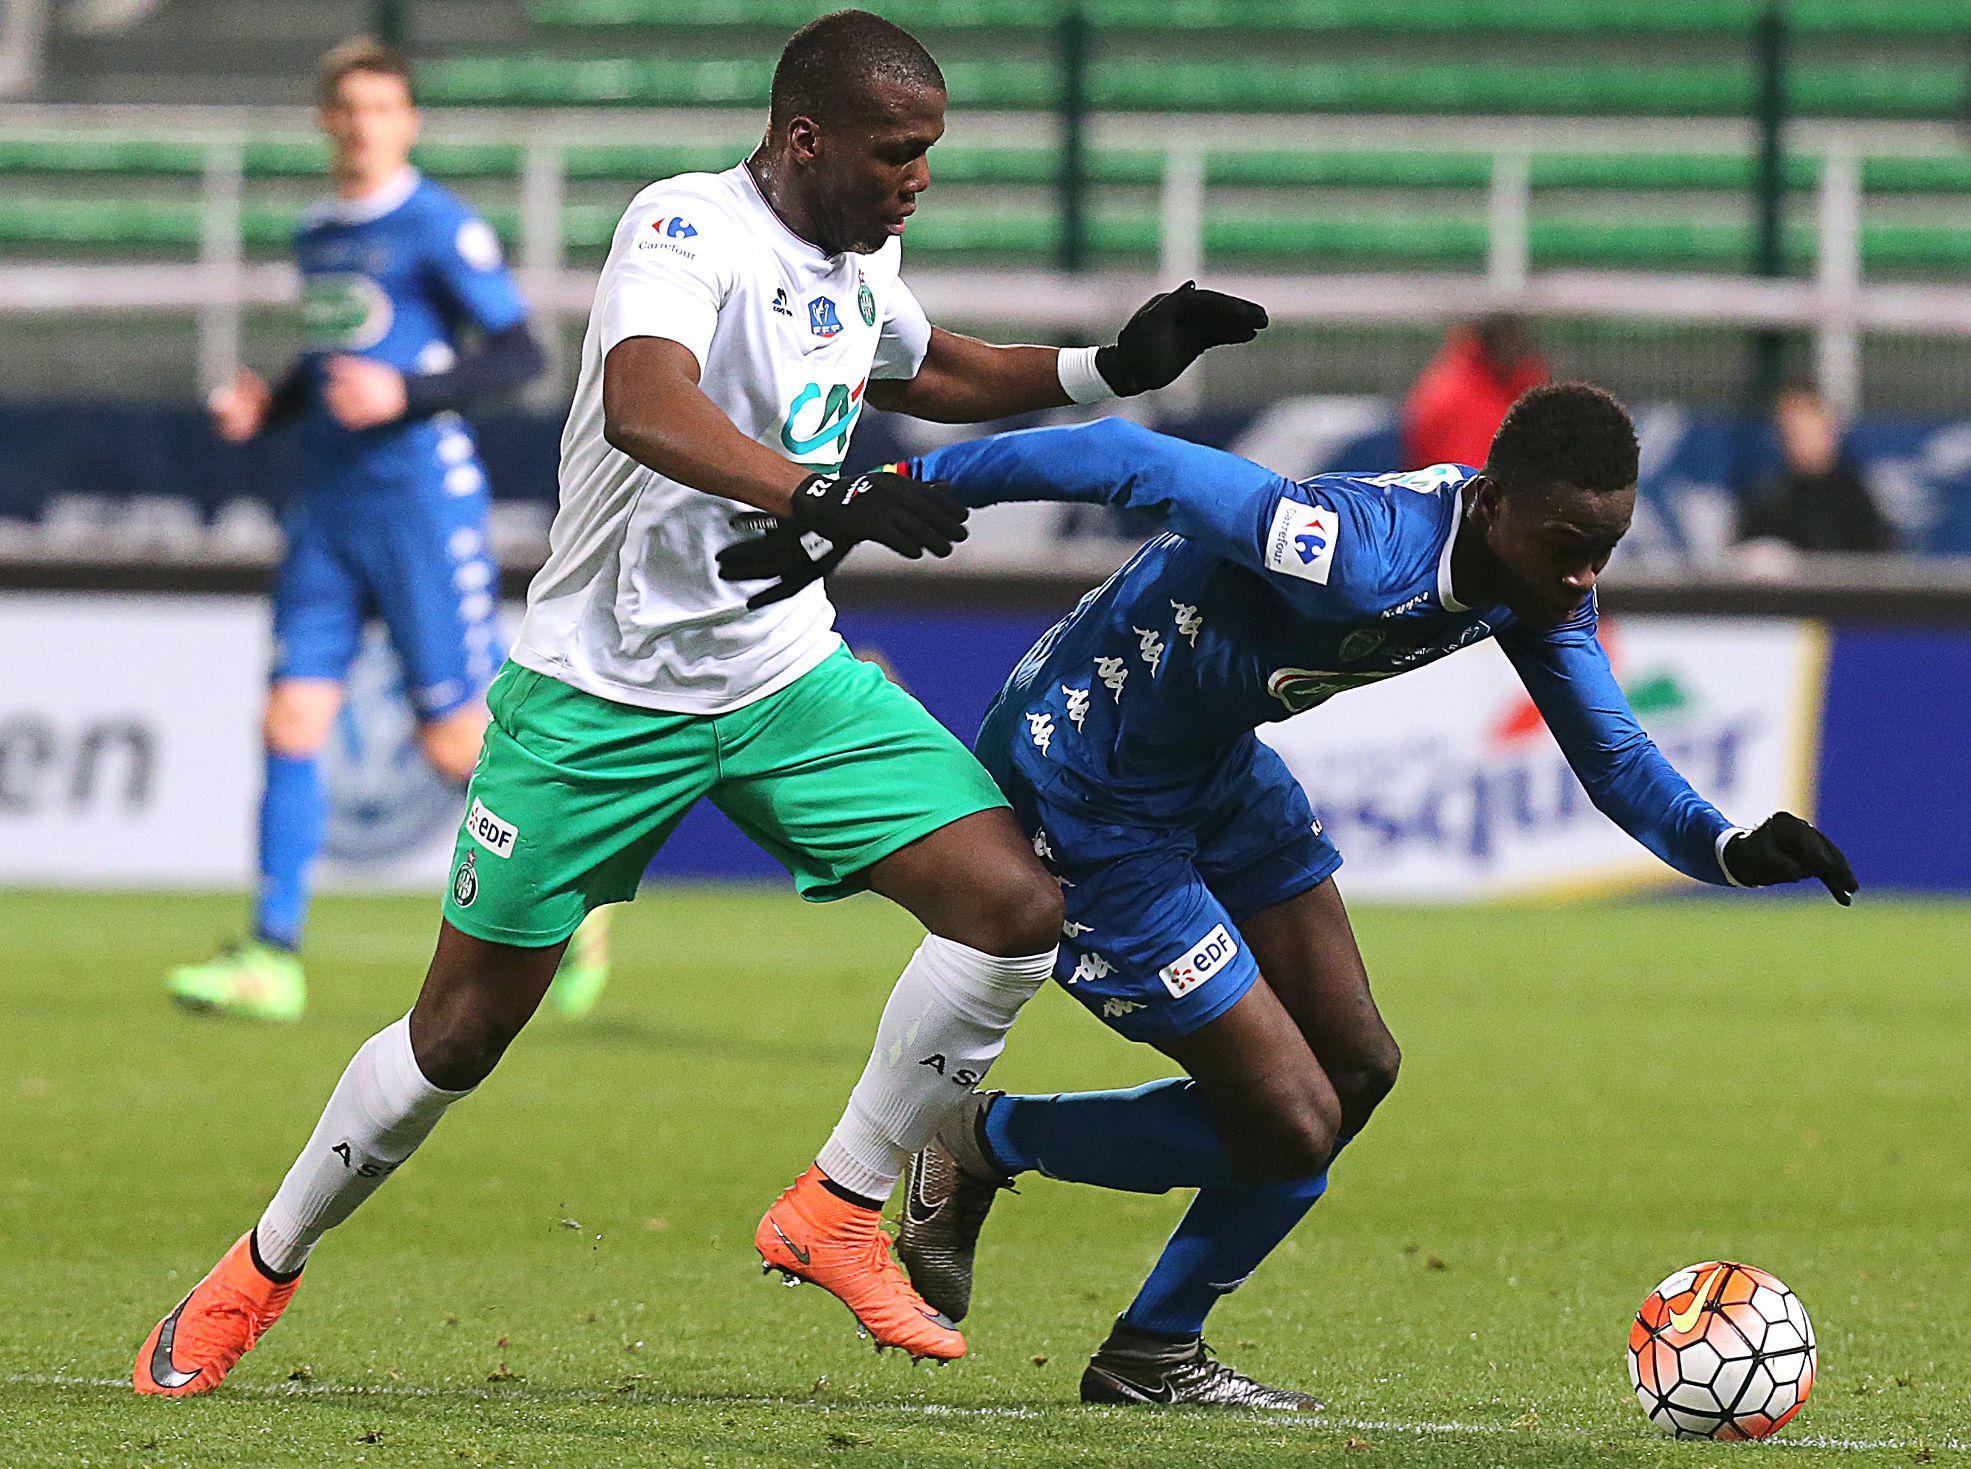 Troyes saint etienne en direct coupe de france football - Coupe de france direct tv ...